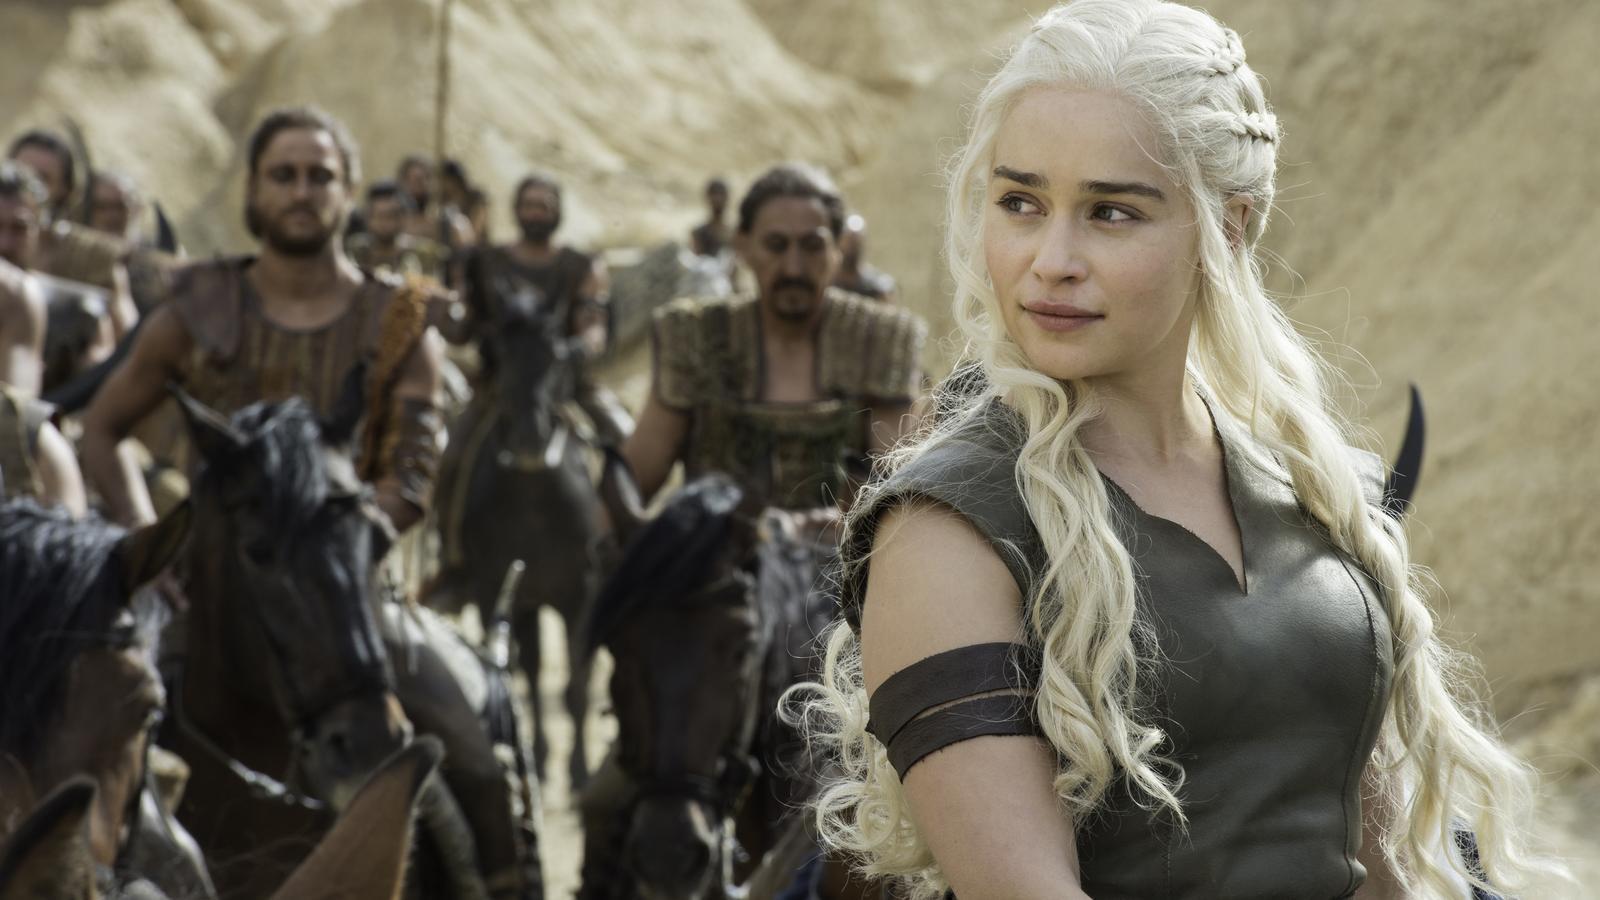 'Joc de trons': no hi haurà 'affaire' entre Daenerys i Jon Neu